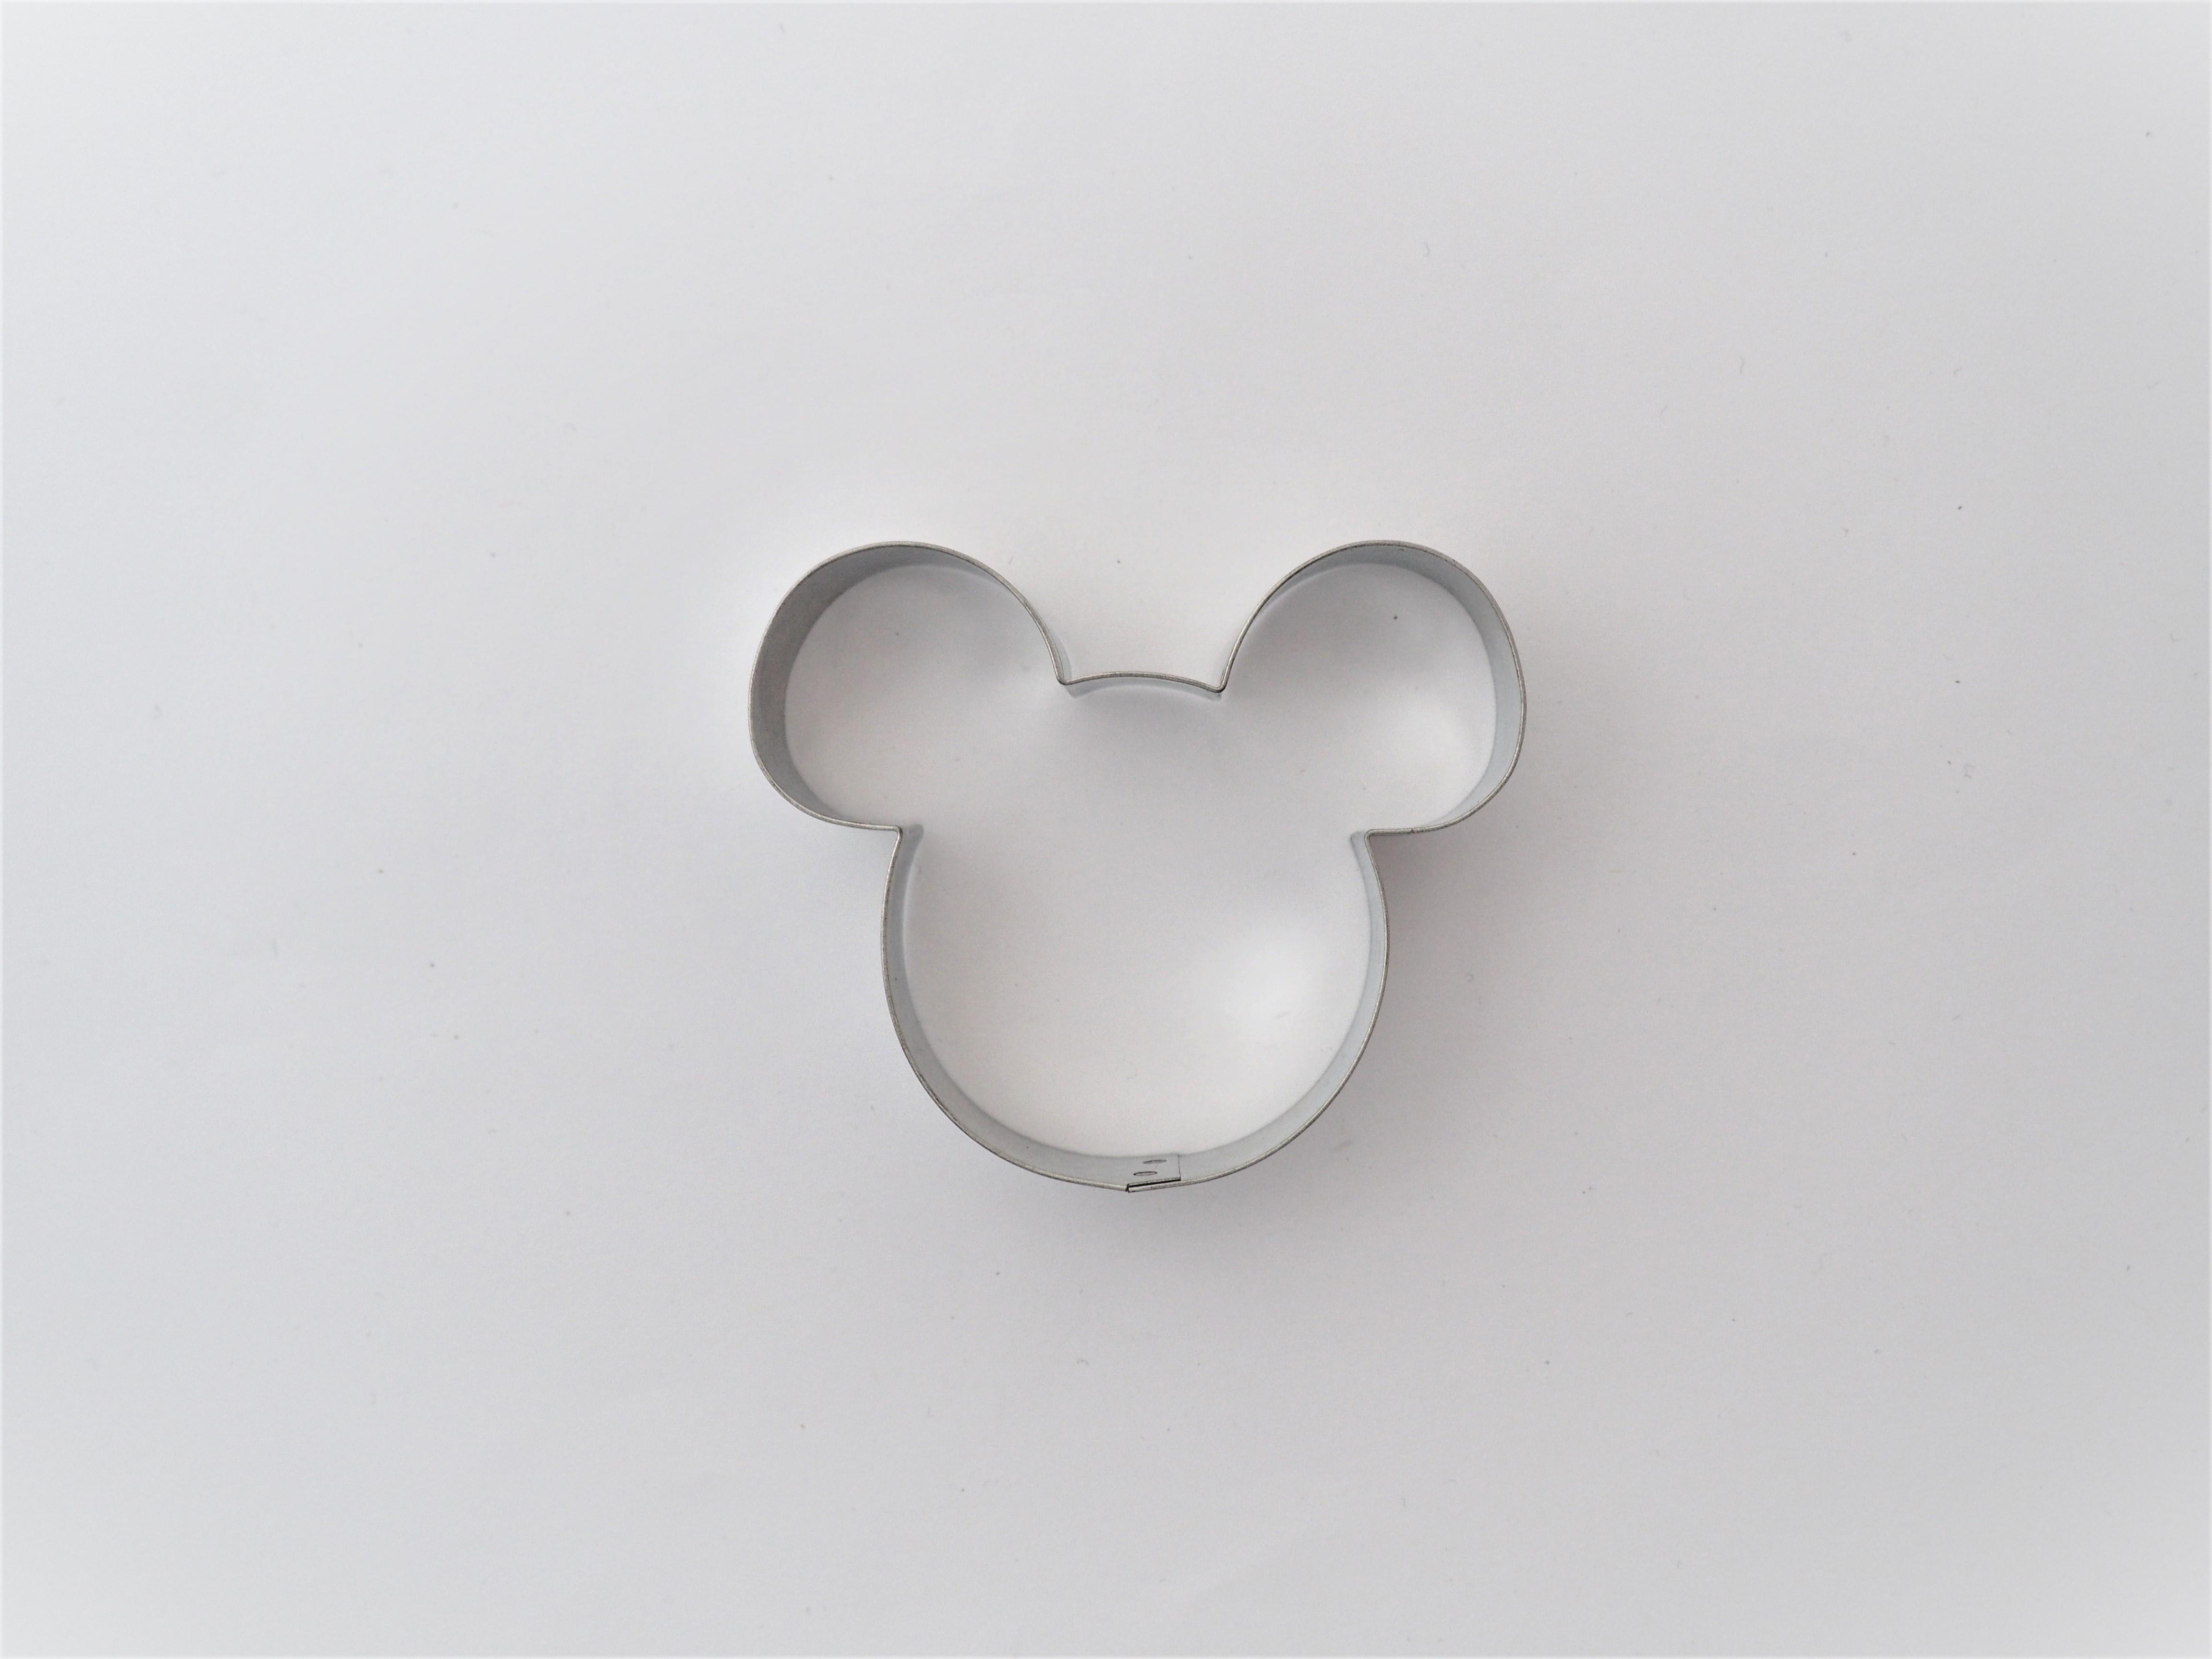 Ausstecher Mickey Maus Kopf 6 cm